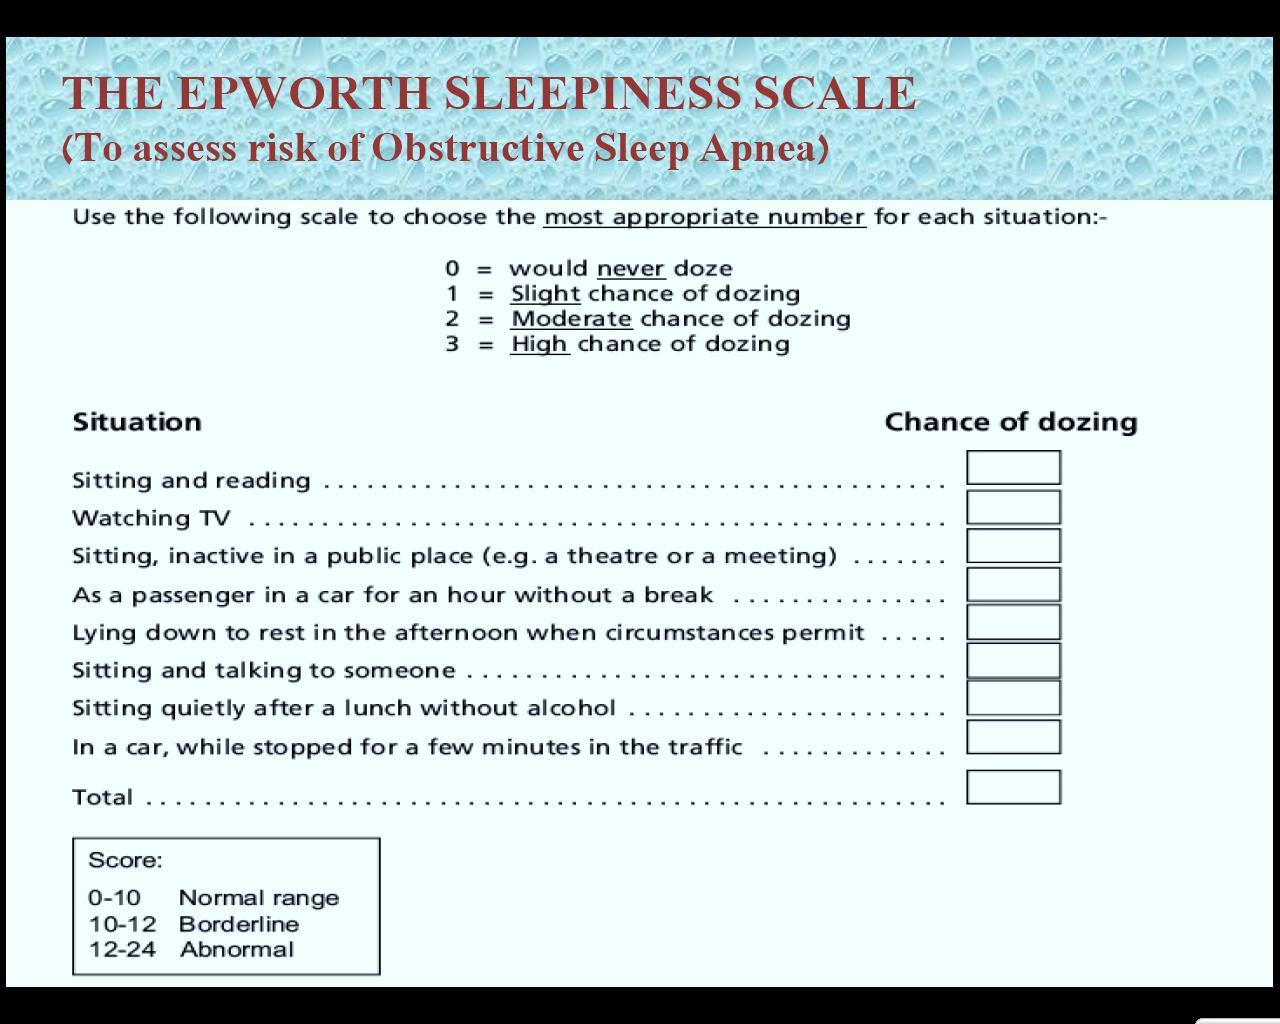 Sleepiness scale